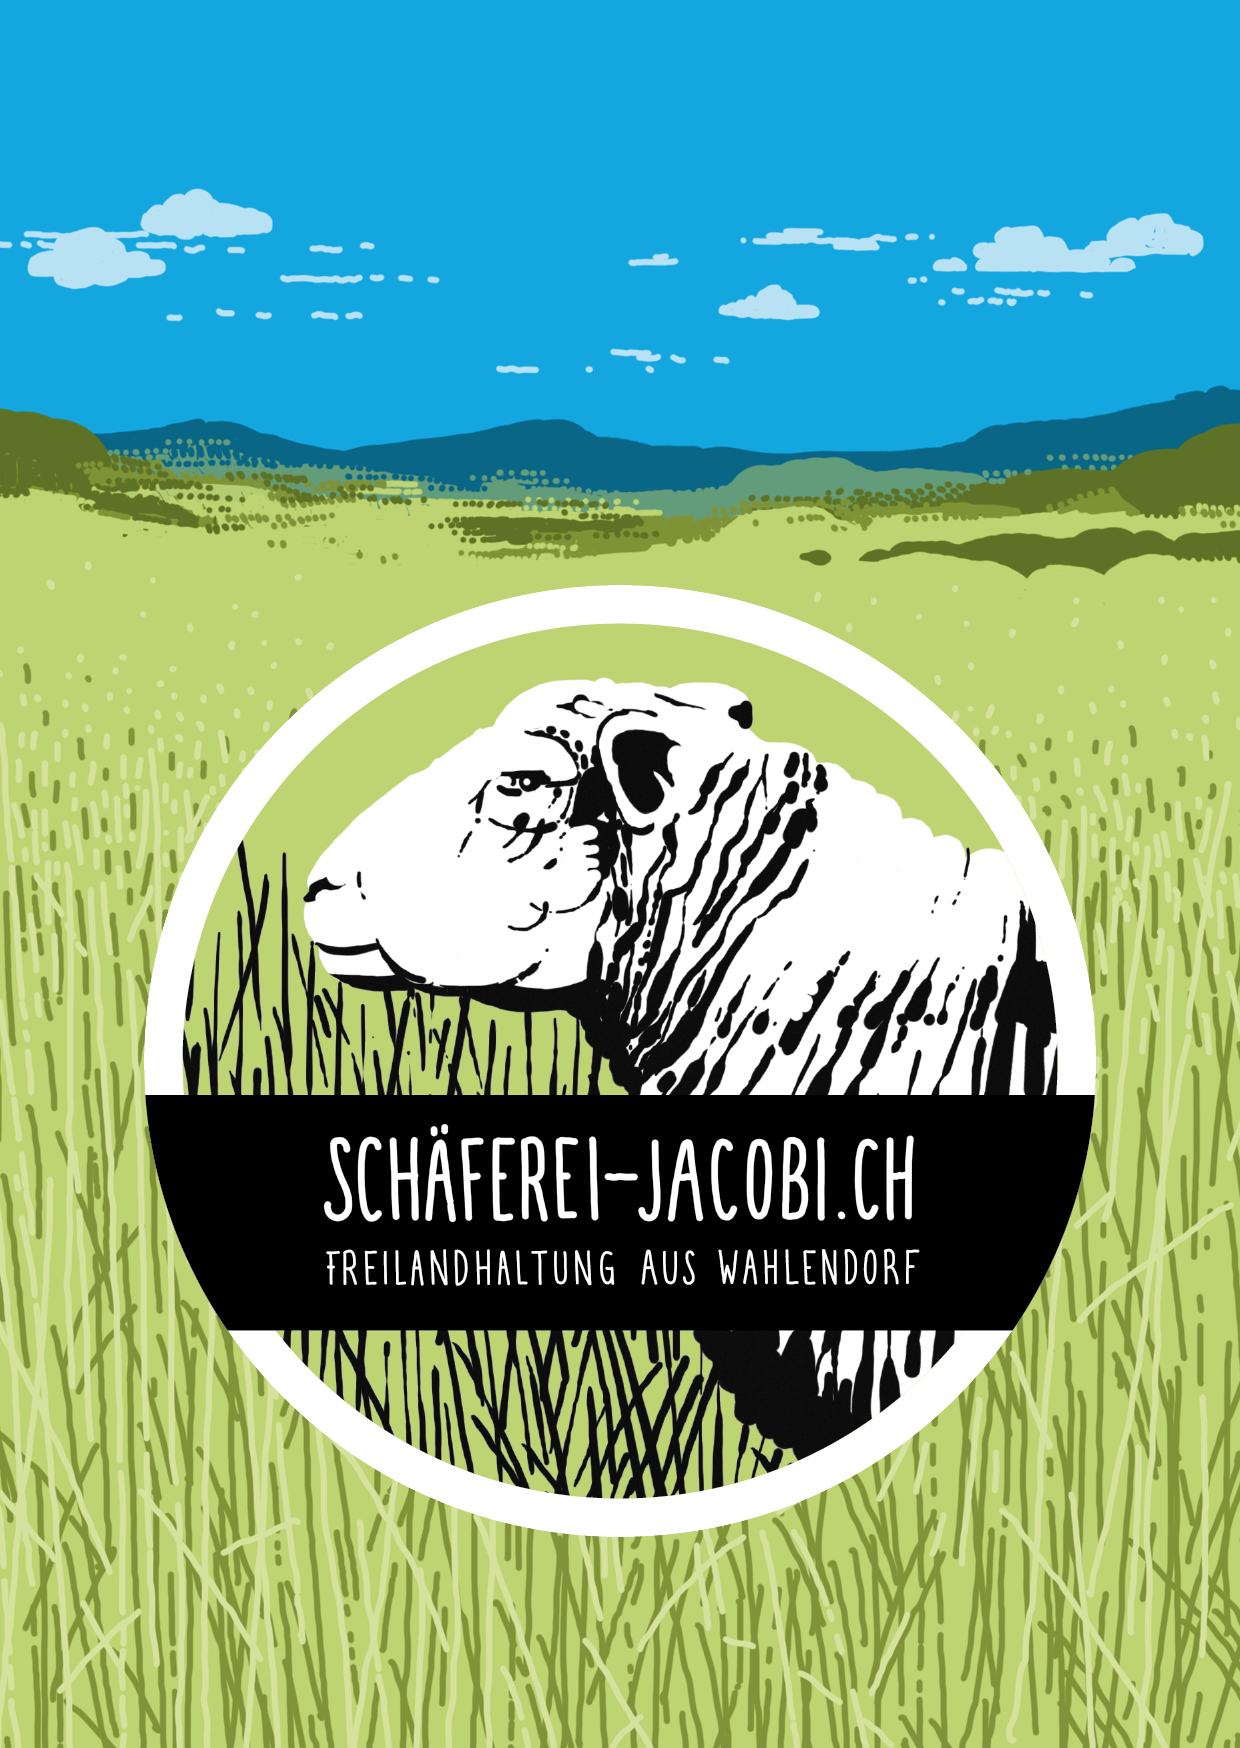 Flyer, Schäferei Jacobi, Freilandhaltung aus Wahlendorf